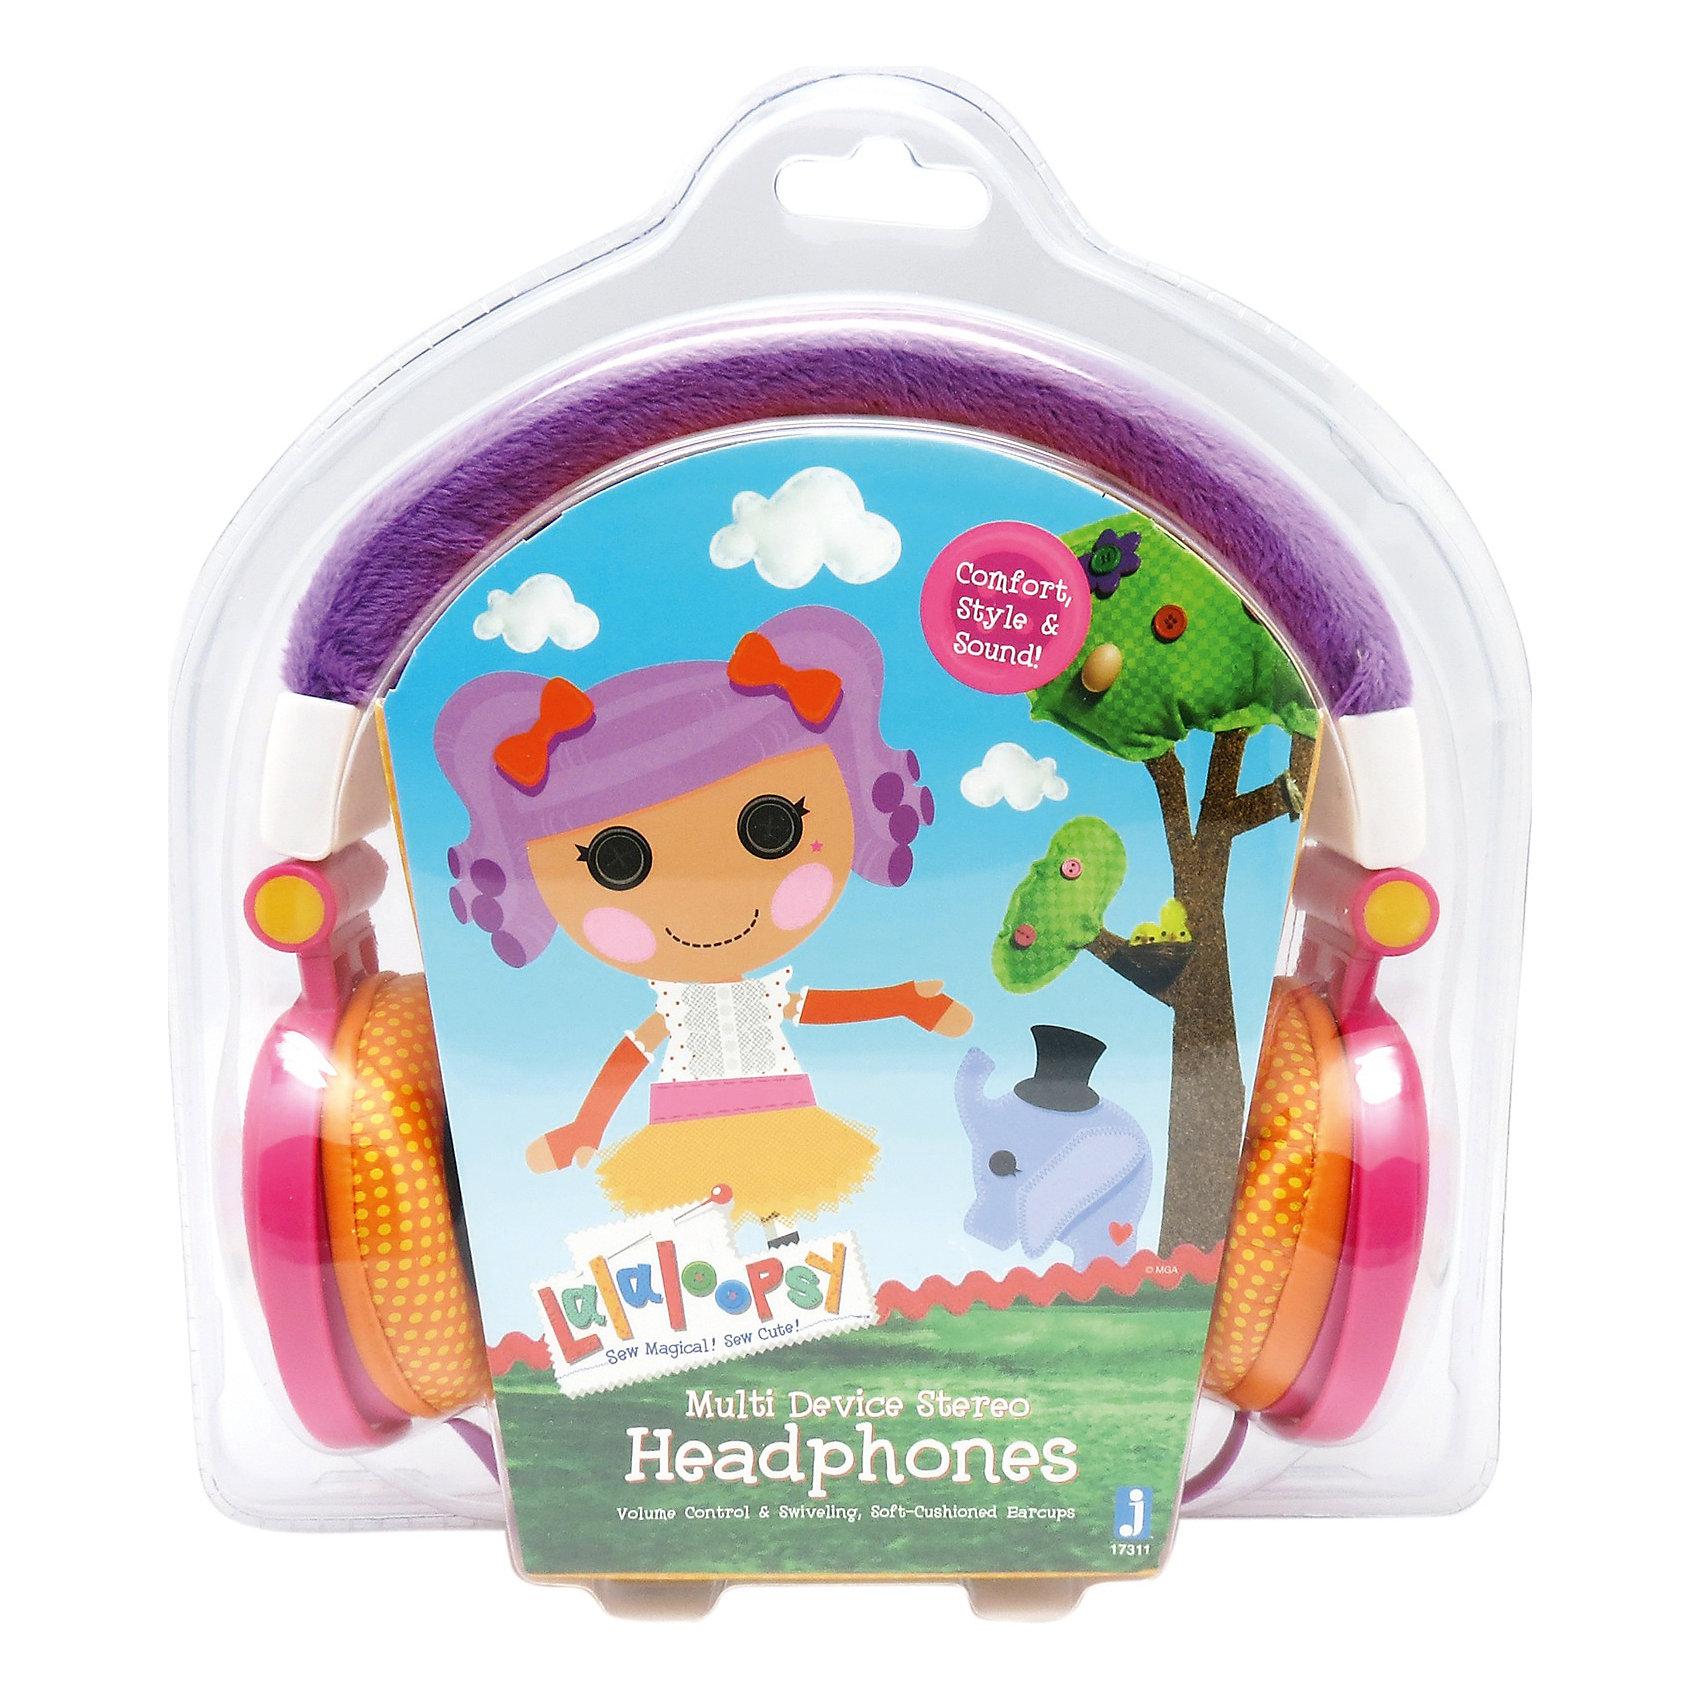 Наушники LalaloopsyНаушники Lalaloopsy (Лалалупси) - это отличный выбор для тех, кто хочет по-настоящему насладиться любимой музыкой.<br>Наушники Lalaloopsy– это замечательный подарок для любой девочки в возрасте от 3-х лет. Данный продукт является стильным аксессуаром для плеера, с помощью которого ваша маленькая принцесса непременно сможет выделиться в толпе. Изделие полностью покрывает ушные раковины, поэтому качество звука будет на наивысшем уровне; ребенок без труда различит каждый инструмент. Яркий привлекательный дизайн обязательно поднимет настроение вашему чаду.<br><br>Дополнительная информация:<br><br>- Длина шнура: 1,2 м.<br>- Тип разъема: mini jack 3,5 мм.<br>- Регулятор громкости<br>- Цвет: фиолетовый, розовый<br>- Материал: пластик<br>- Размер упаковки: 7х3х10 см.<br>- Вес: 200 гр.<br><br>Наушники Lalaloopsy (Лалалупси) можно купить в нашем интернет-магазине.<br><br>Ширина мм: 70<br>Глубина мм: 30<br>Высота мм: 100<br>Вес г: 200<br>Возраст от месяцев: 72<br>Возраст до месяцев: 192<br>Пол: Женский<br>Возраст: Детский<br>SKU: 4064769